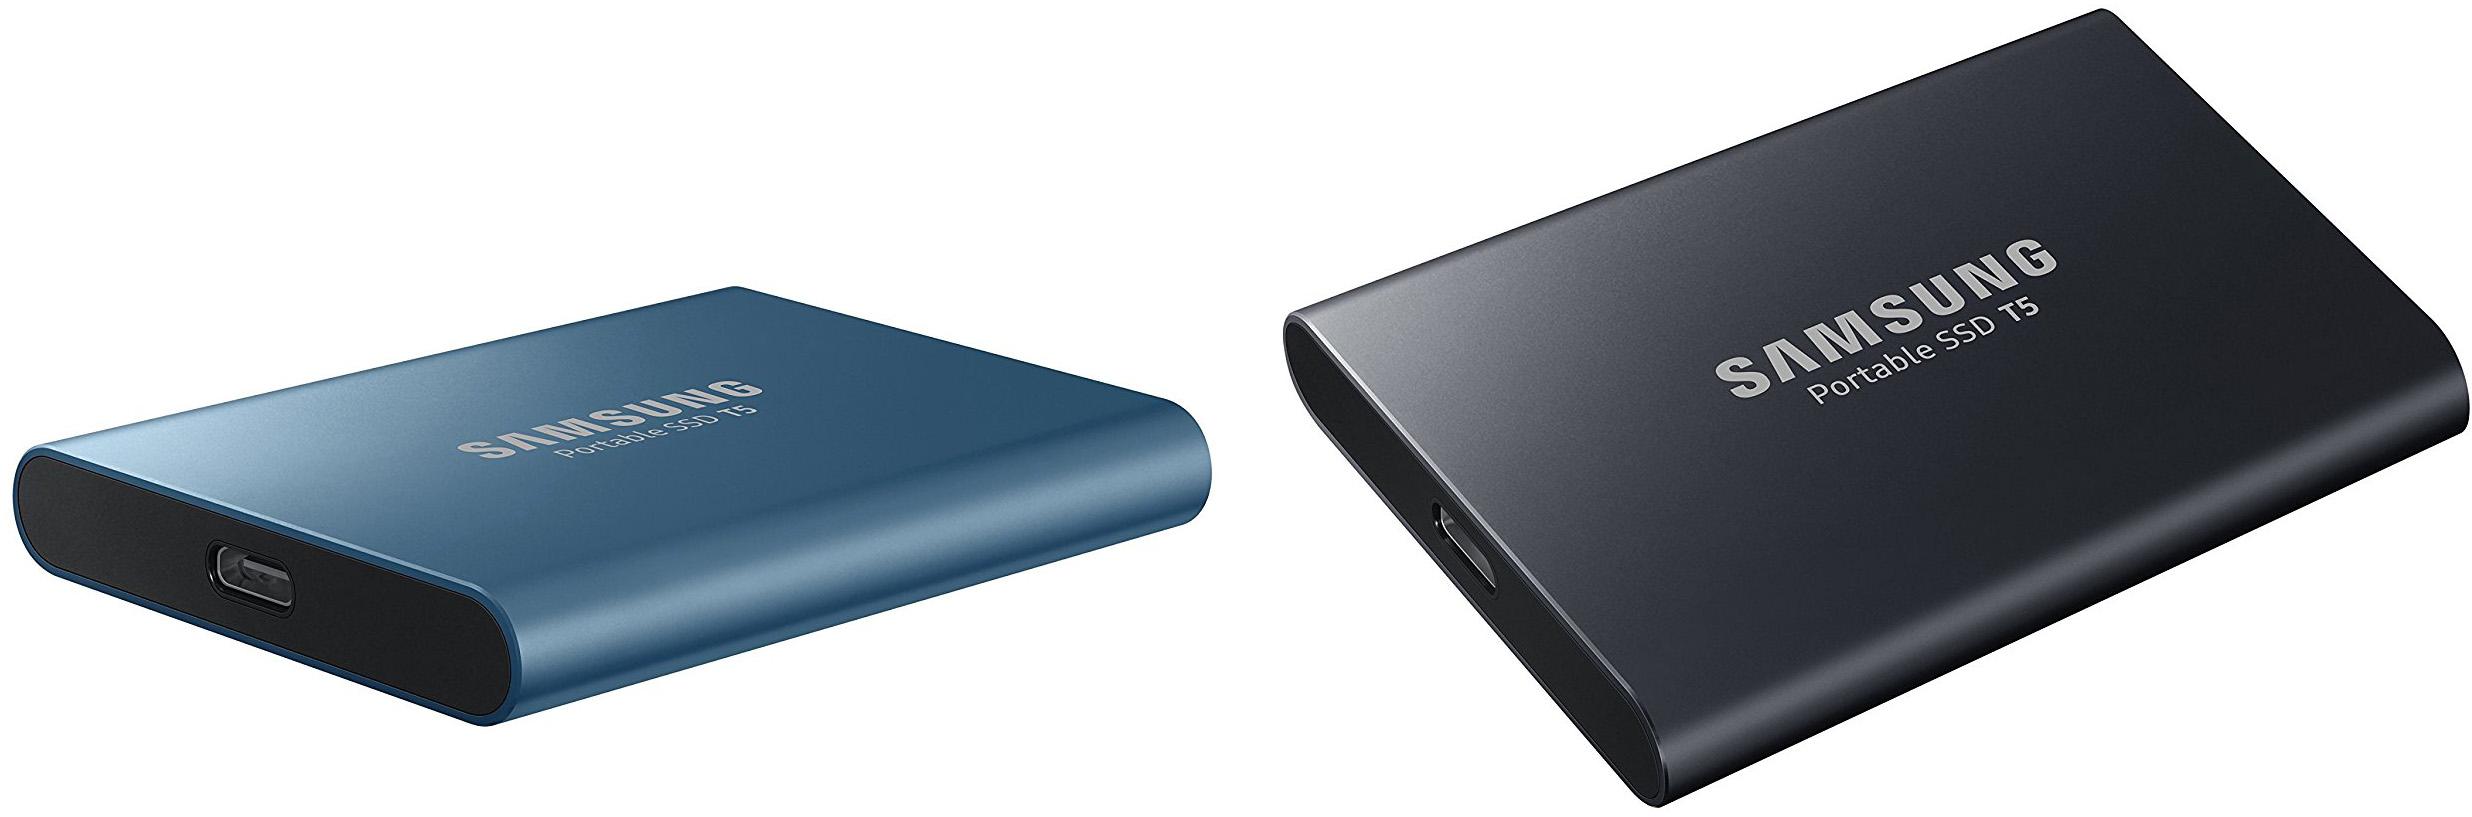 Samsung T5 design